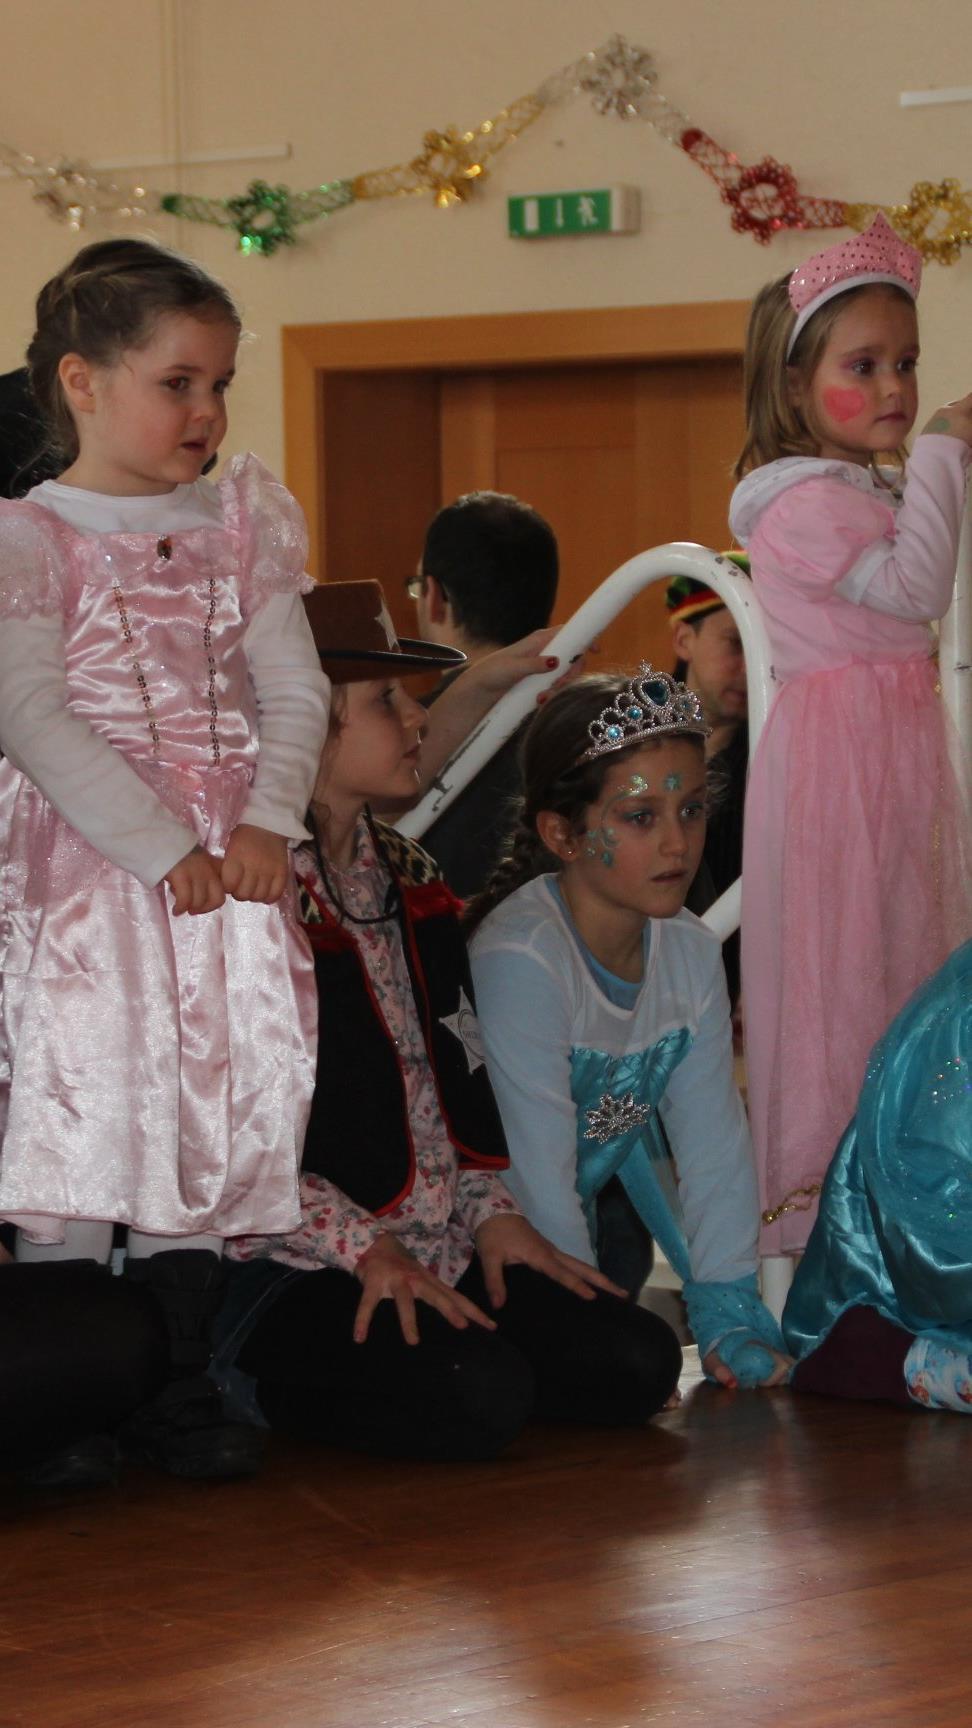 Die Kinder hatten einen riesen Spaß bei der Kinderfaschingsparty in Röthis.